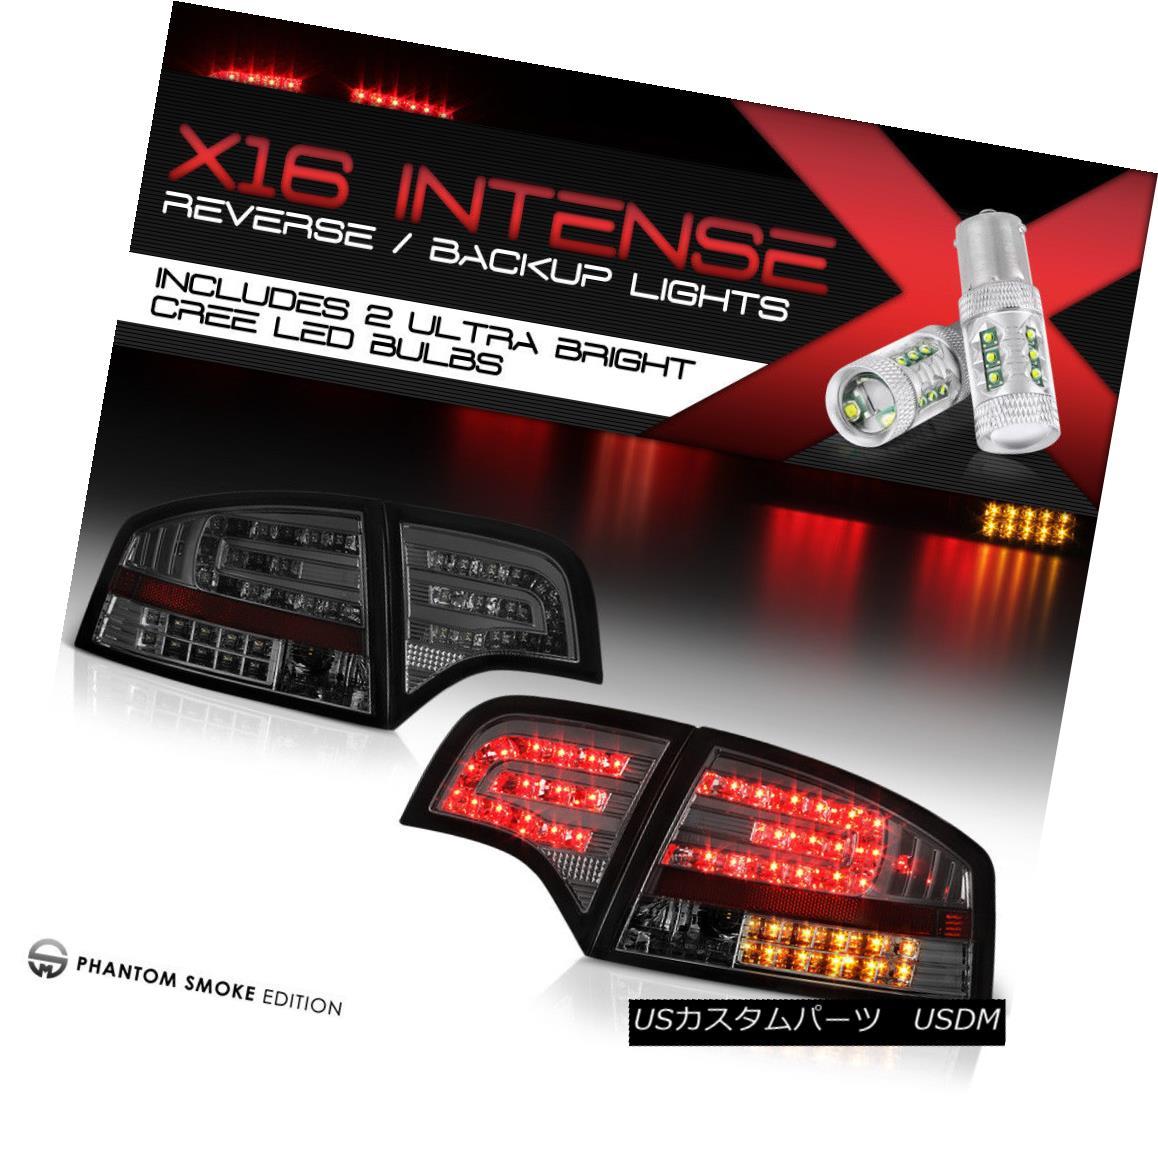 テールライト !High-Power SMD Reverse! 2005-2008 Audi A4 S4 RS4 B7 LED Smoke Tinted Tail Light !ハイパワーSMDリバース! 2005-2008 Audi A4 S4 RS4 B7 LED煙がかかったテールライト